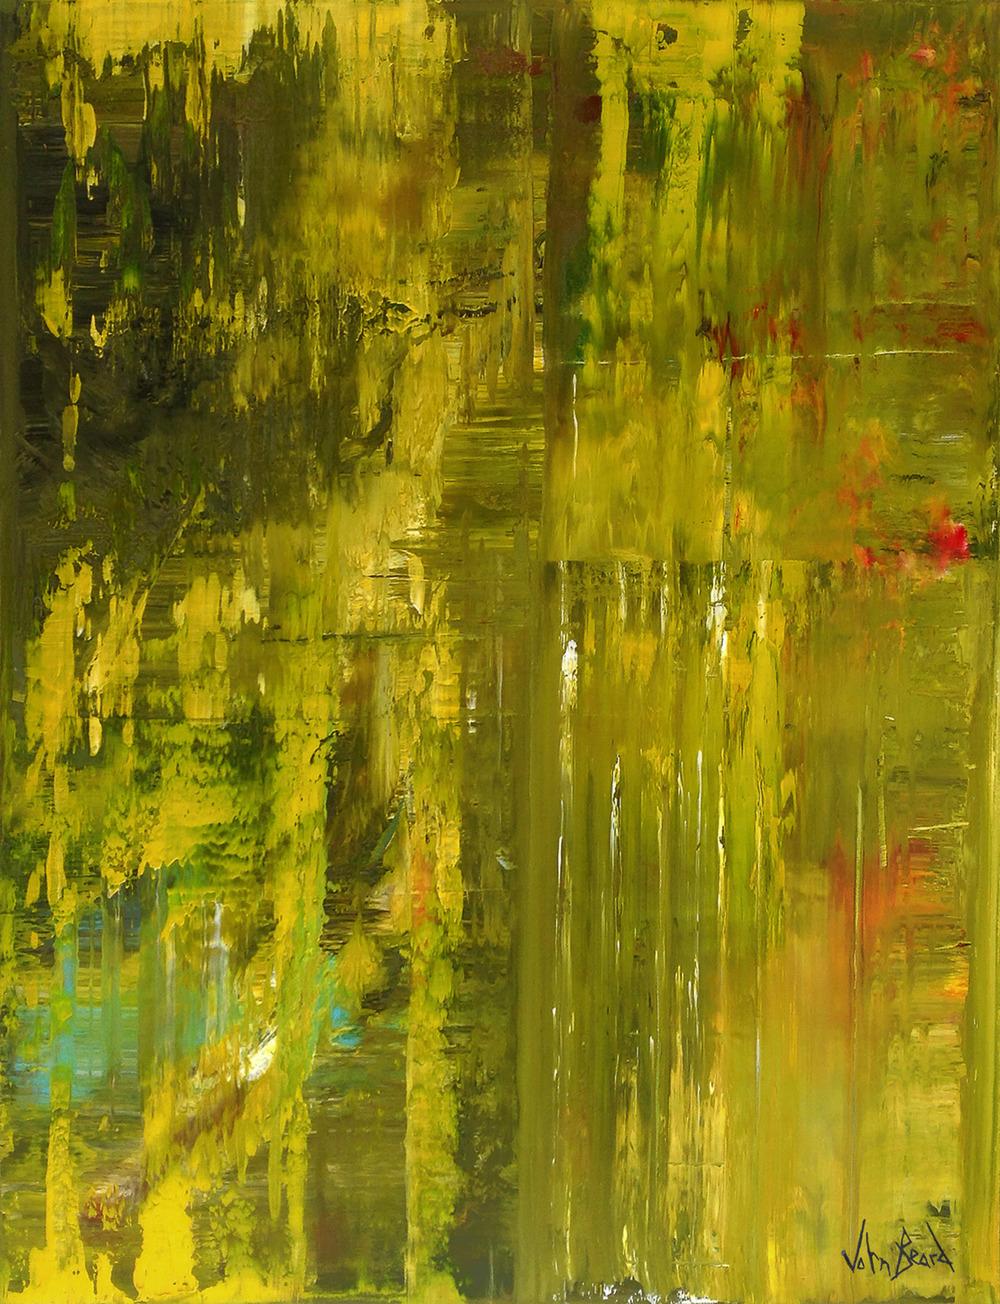 Campos de Verde by John Beard, 48x60